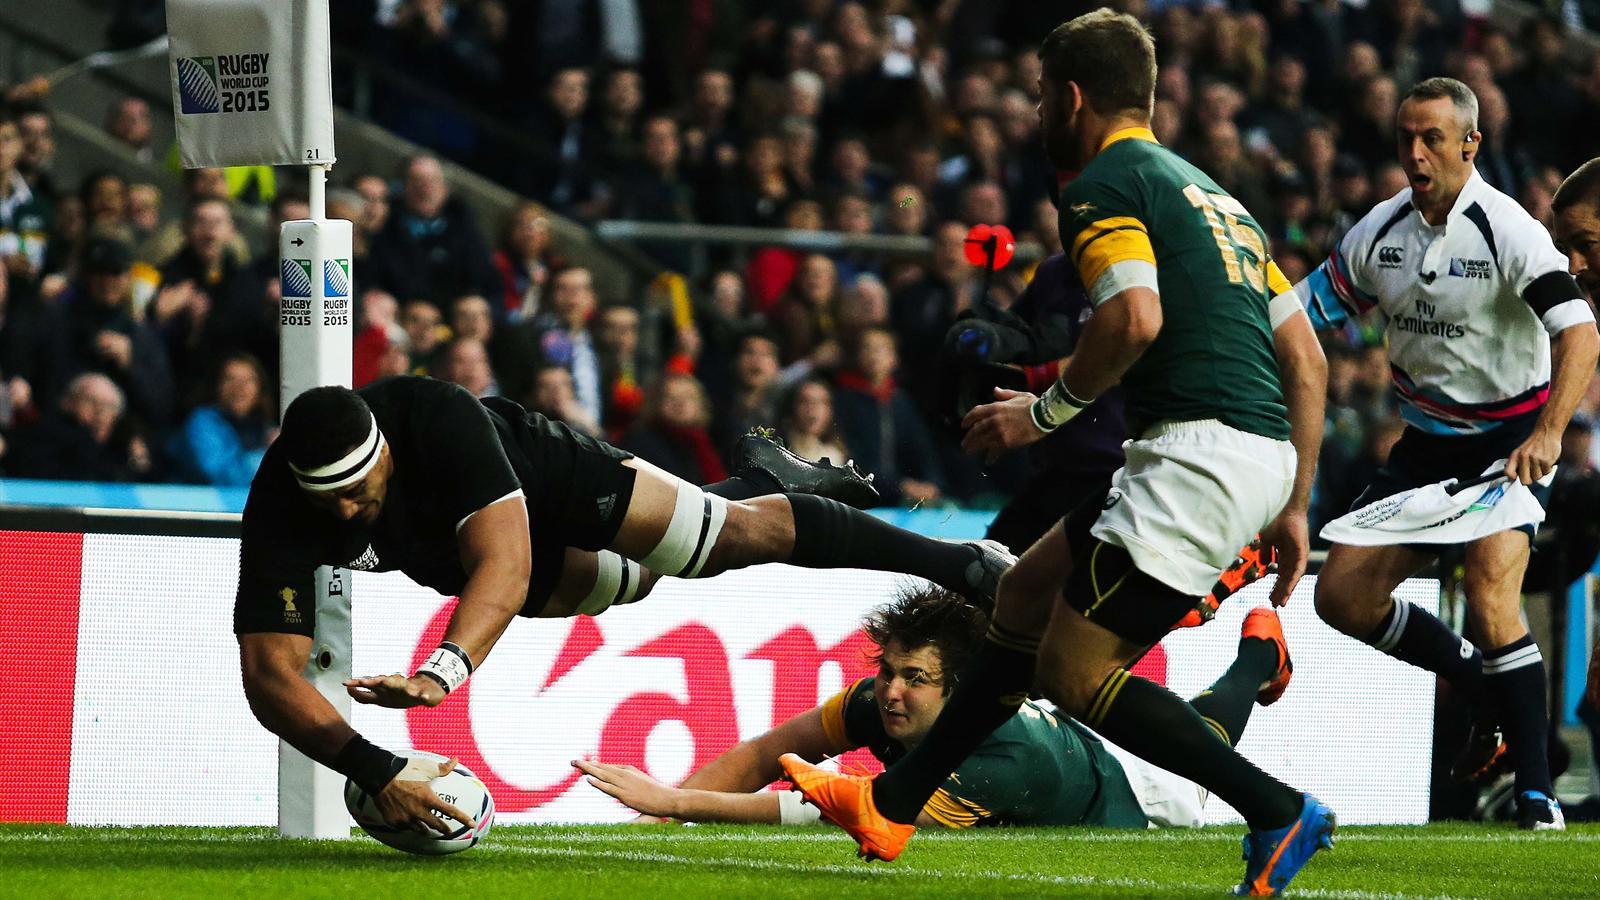 Coupe du monde afrique du sud nouvelle z lande les - Coupe du monde de rugby 2015 classement ...